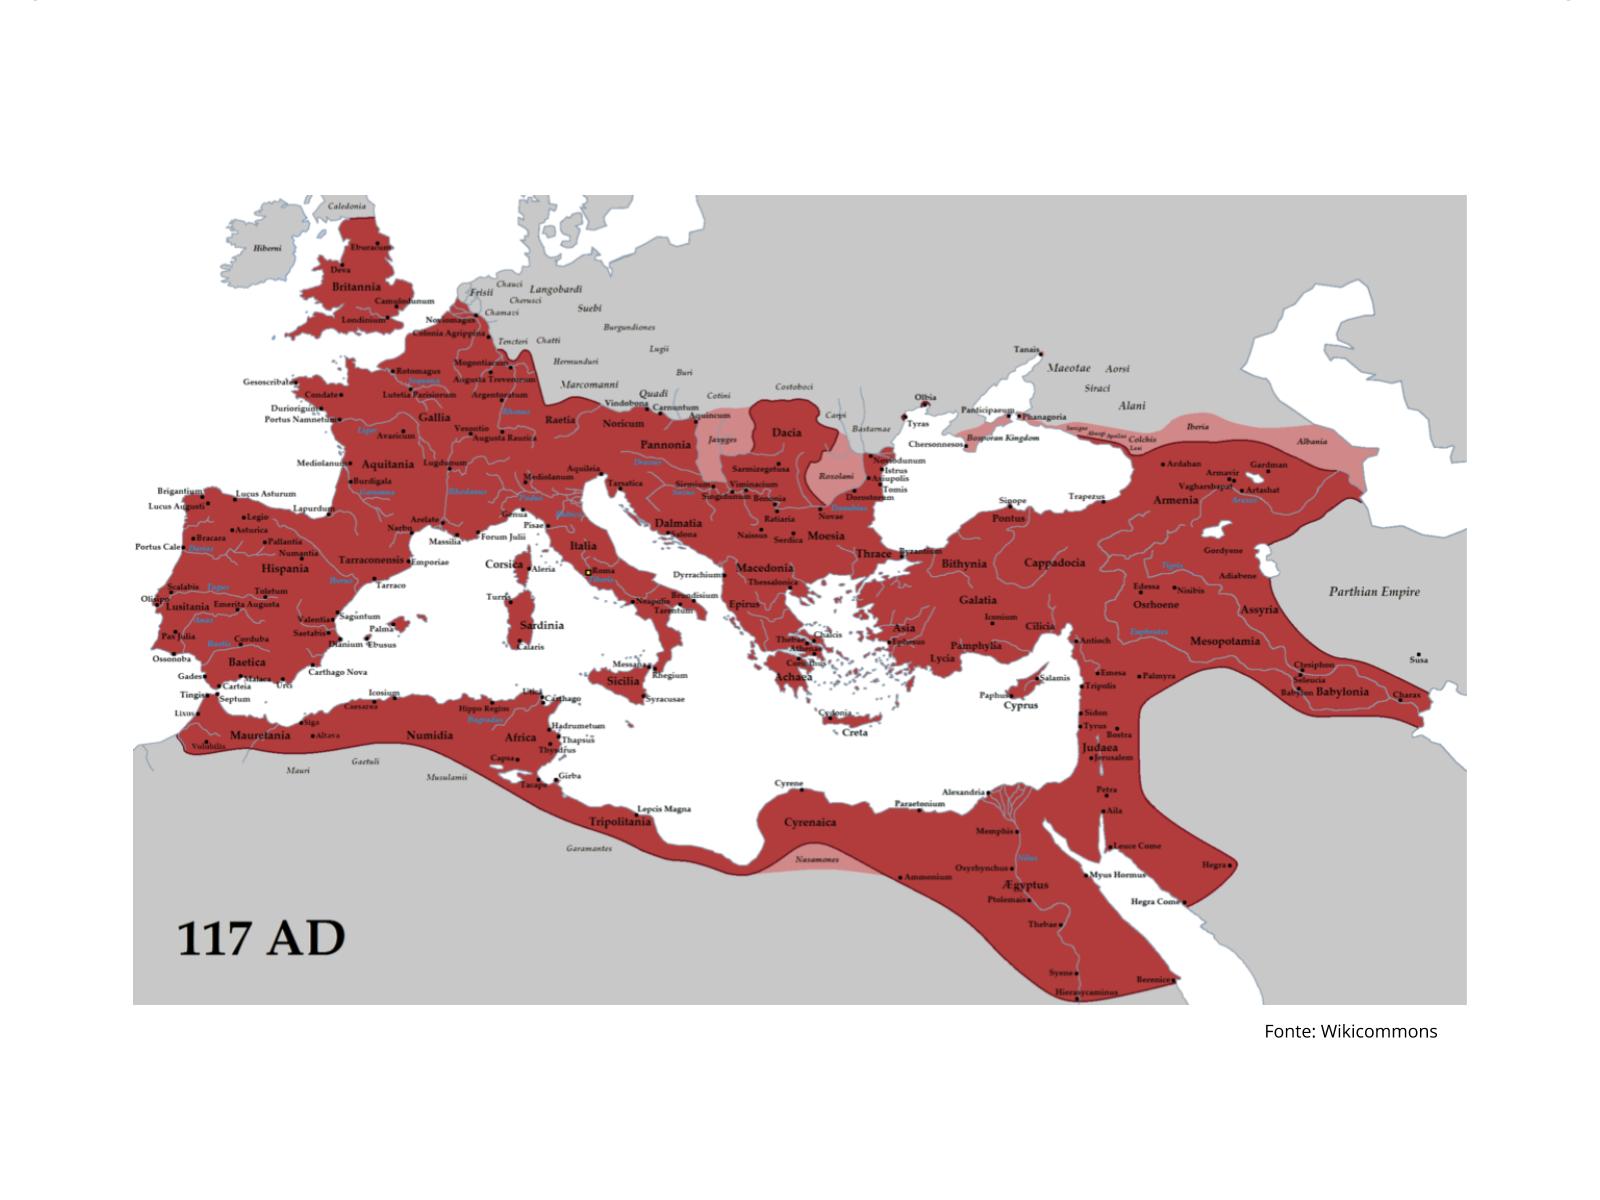 Formas de conquista do  Império Romano